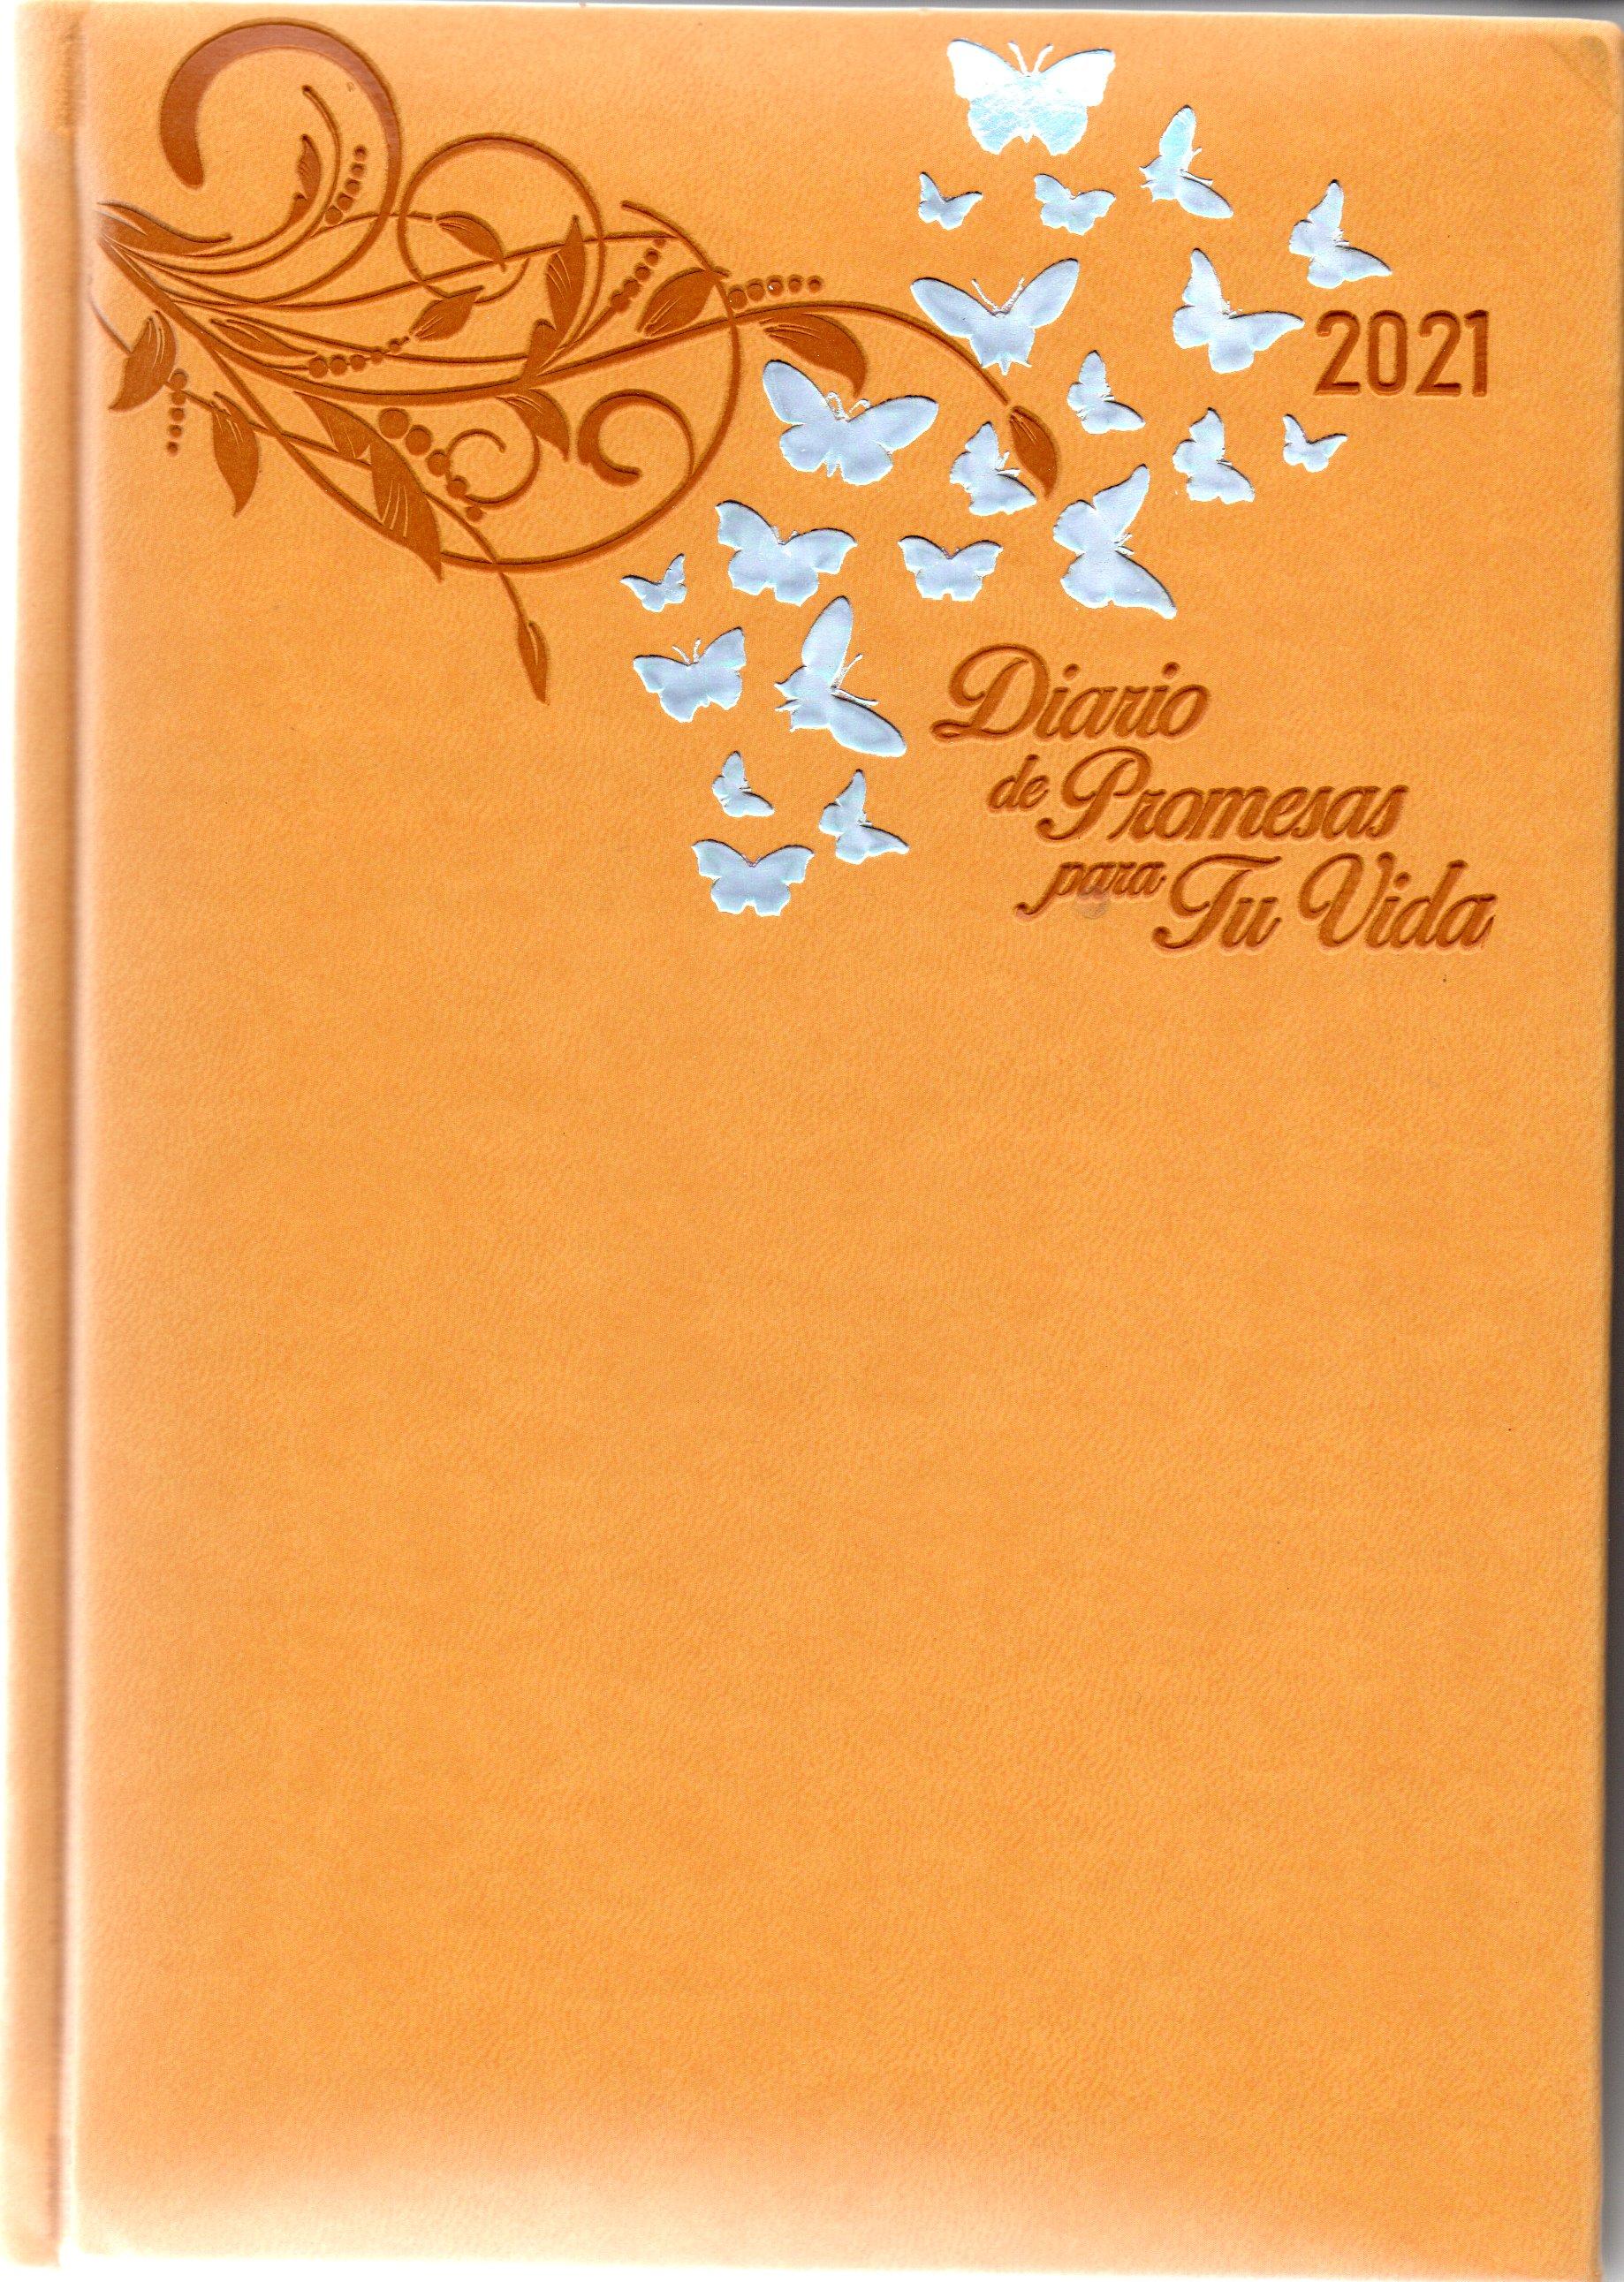 Agenda Diario De Promesas 2021 Mujer Amarillo